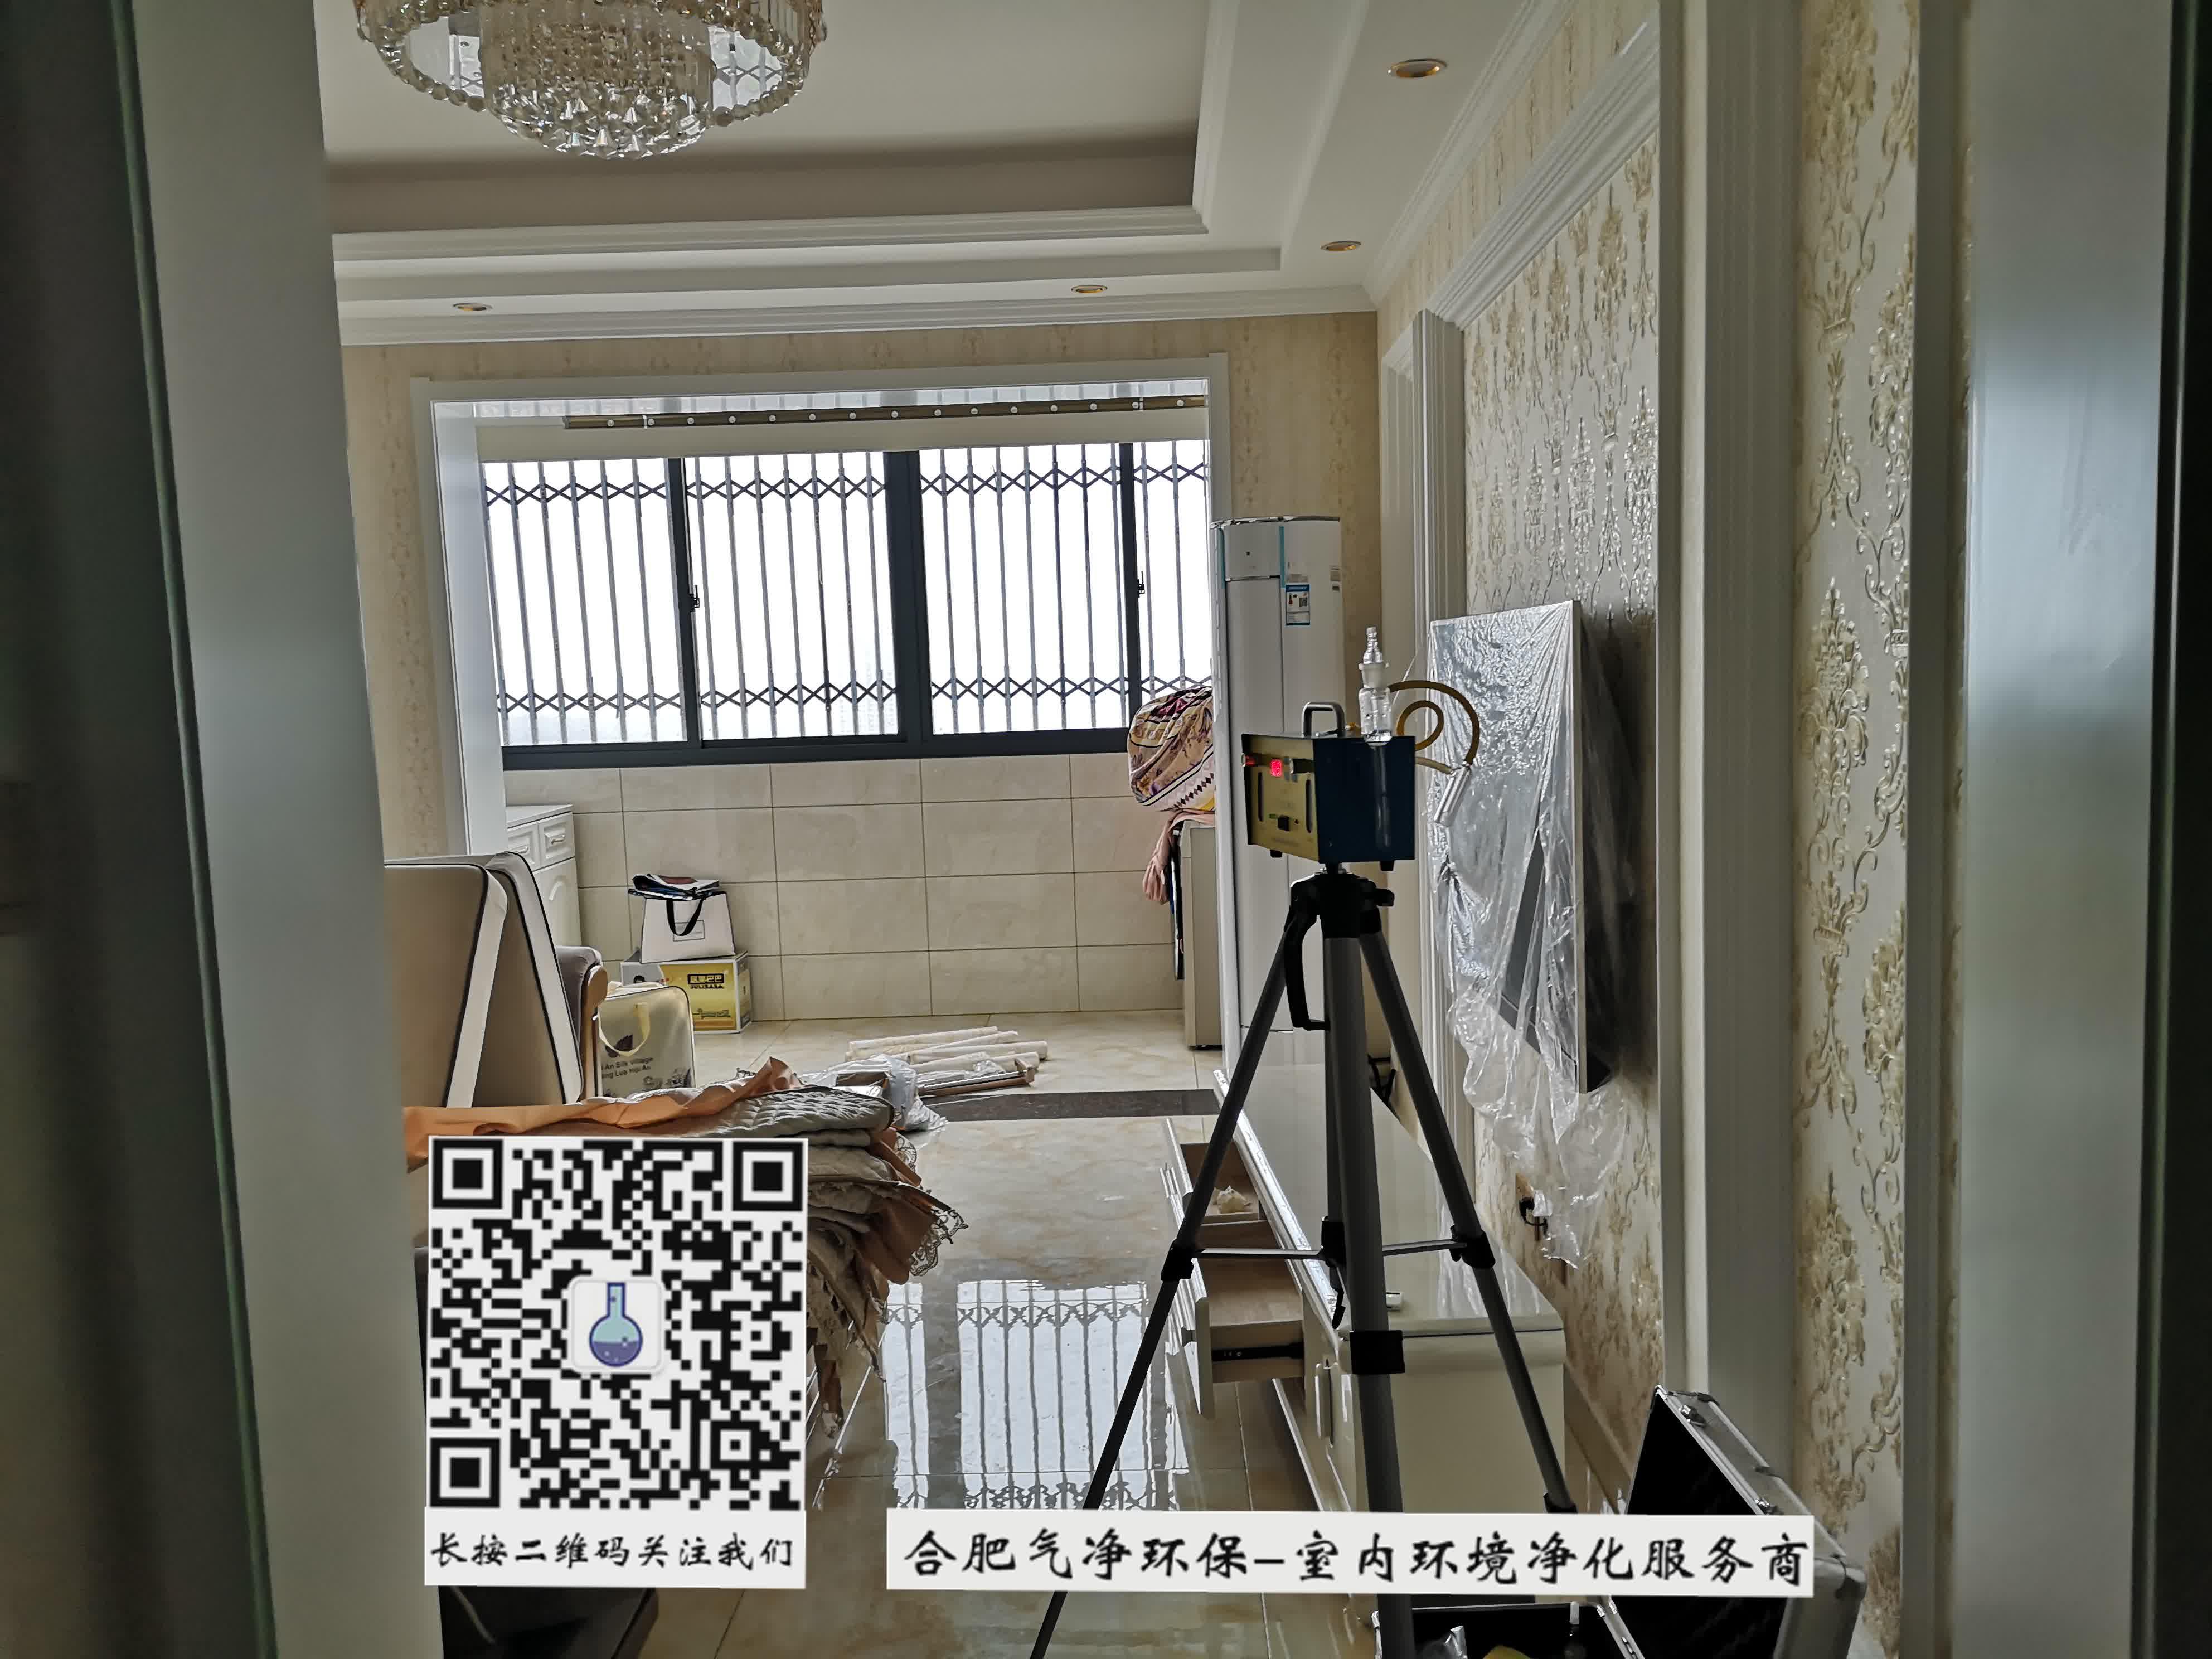 水印图片by水印王_20180920-161850402